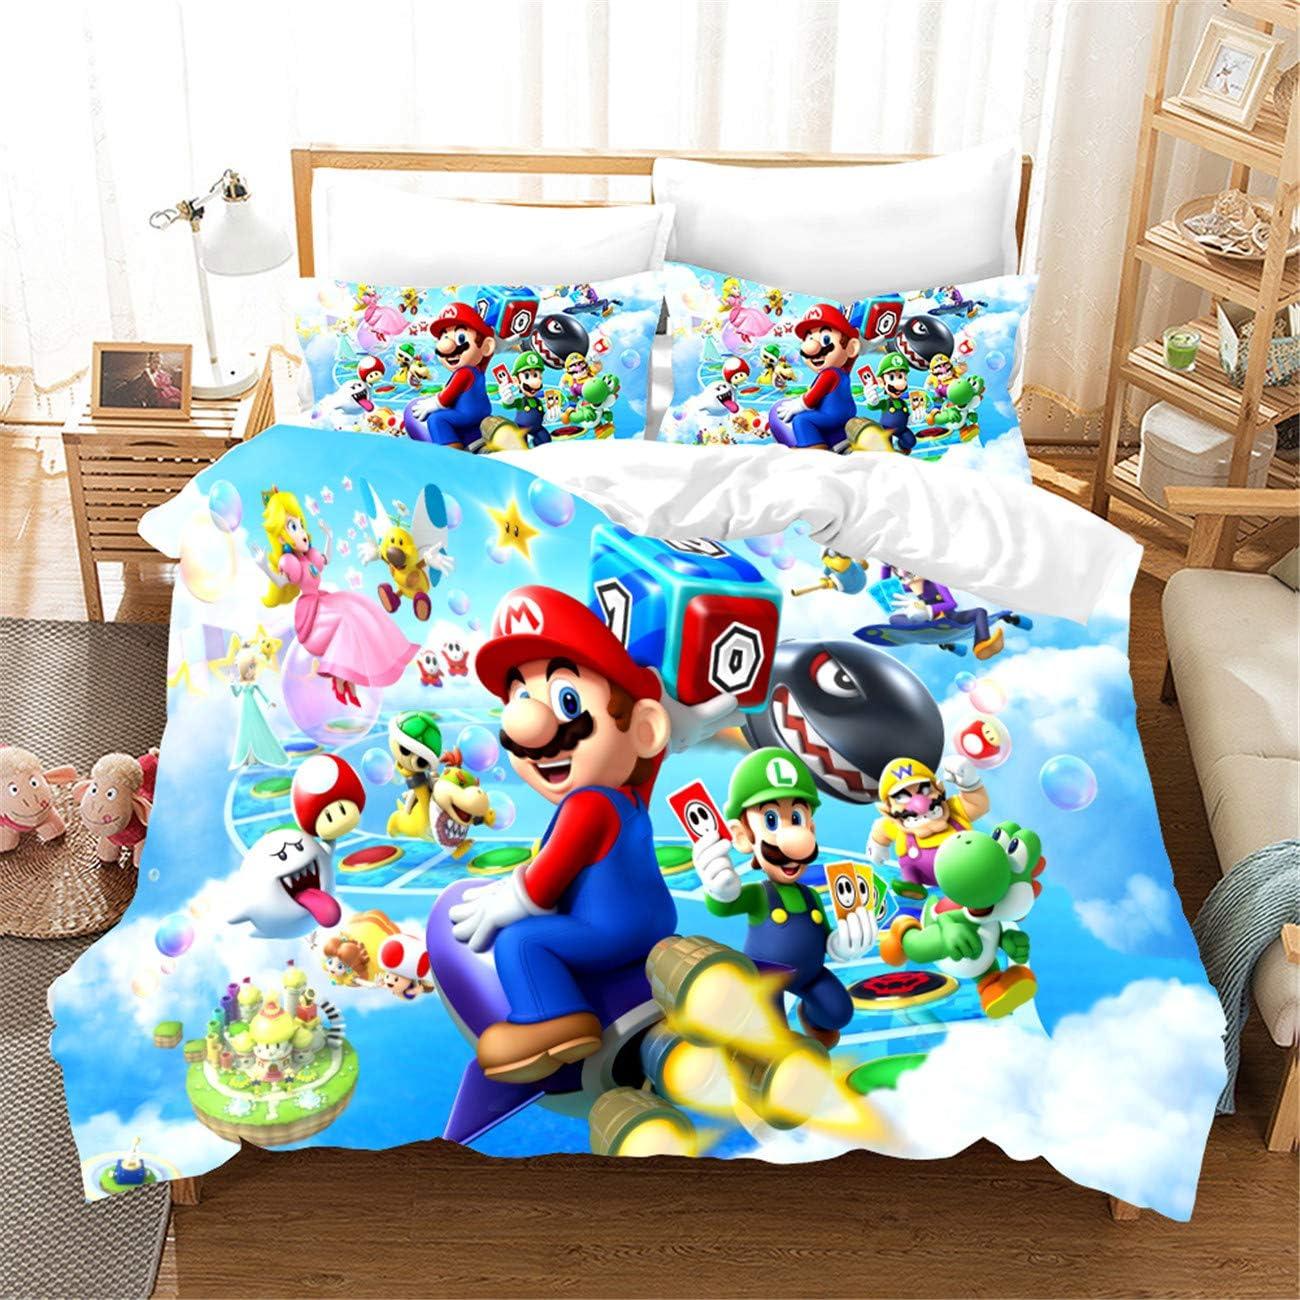 Amazon.com: AMTAN 3D Super Mario Duvet Cover Set Kids Teen Adult